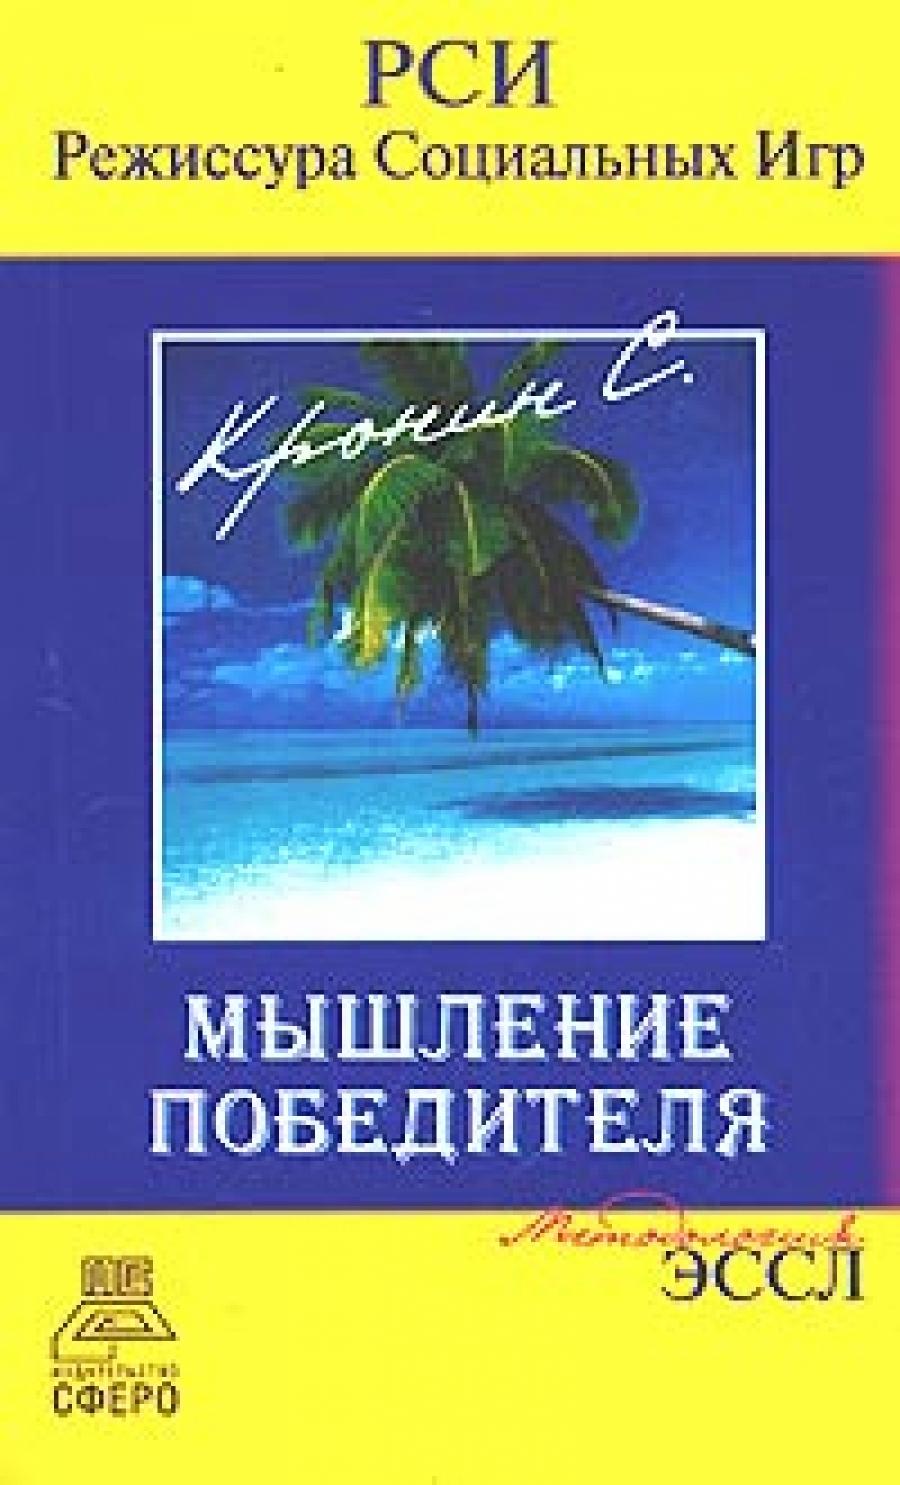 Обложка книги:  с. кронин - мышление победителя. методология эссл